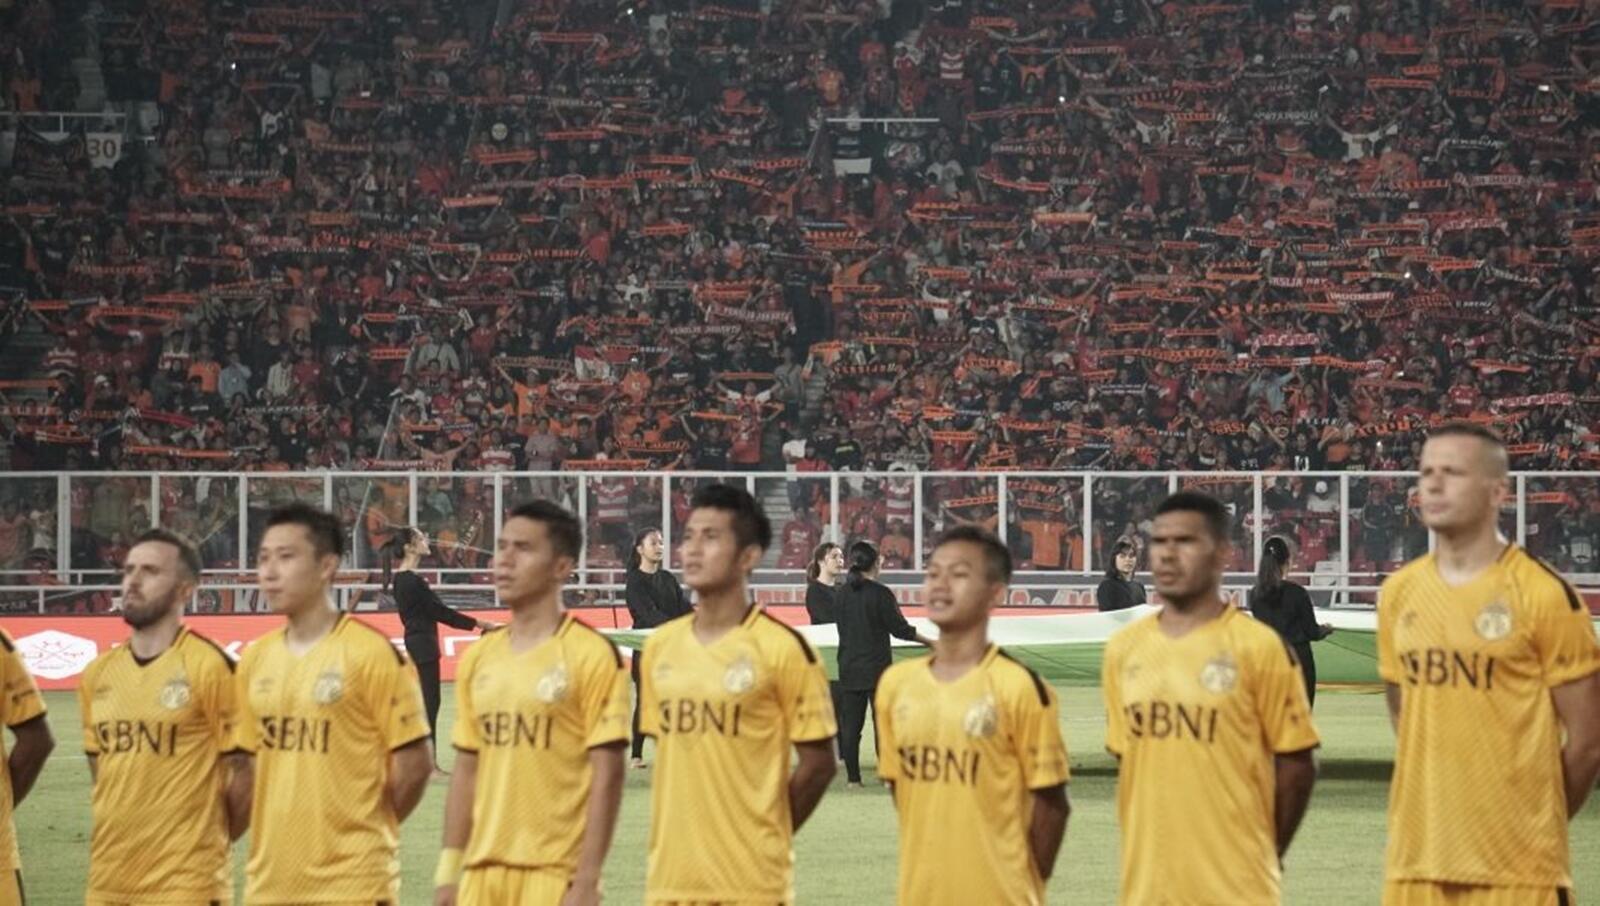 Bermain di Stadion Baru, Bhayangkara FC Akhiri Tren Negatif